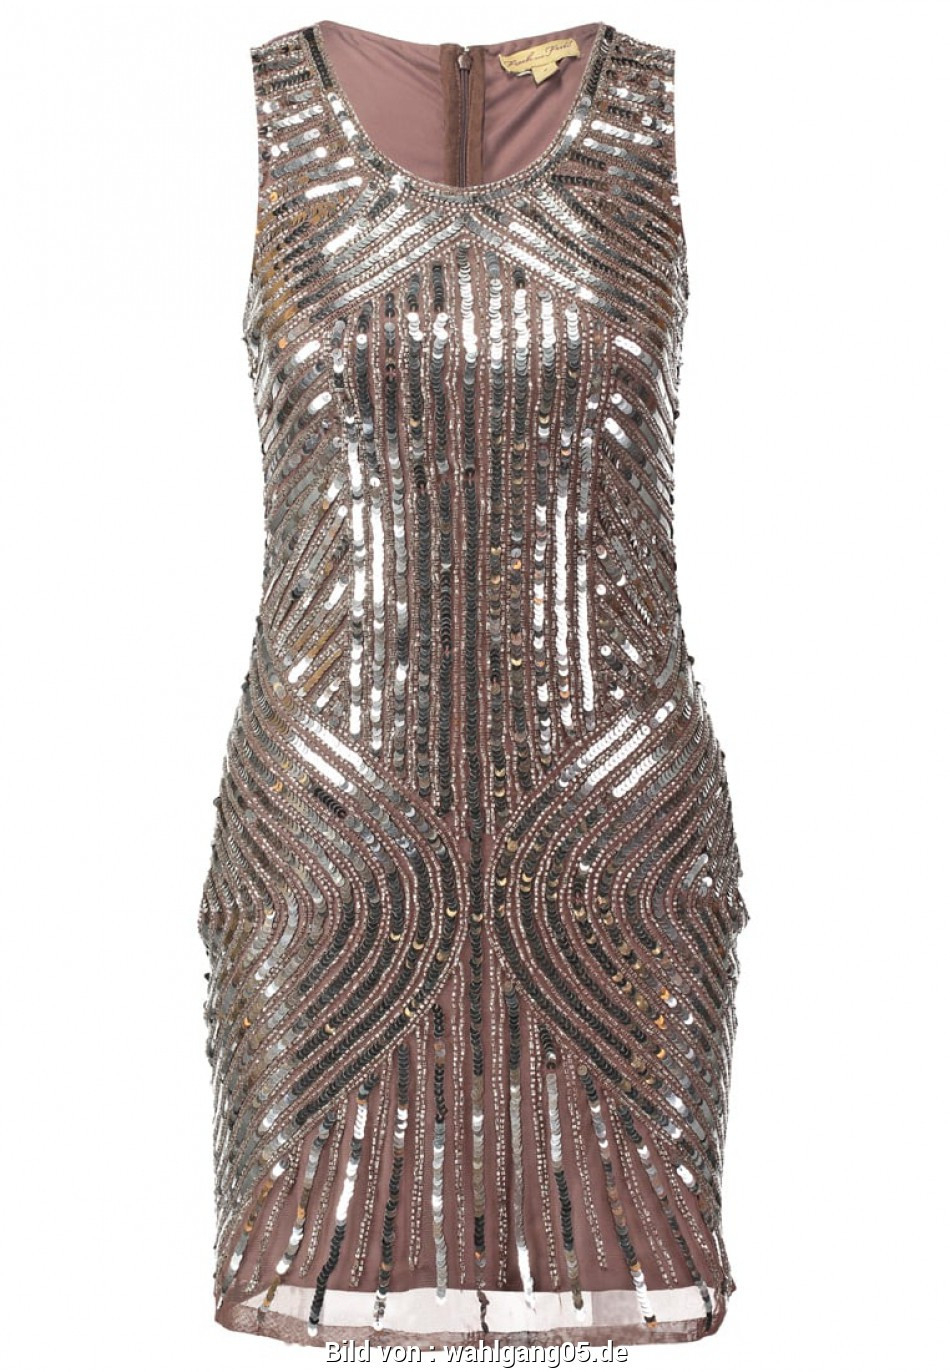 20 Ausgezeichnet Abendkleider Bei Zara für 201910 Kreativ Abendkleider Bei Zara Design